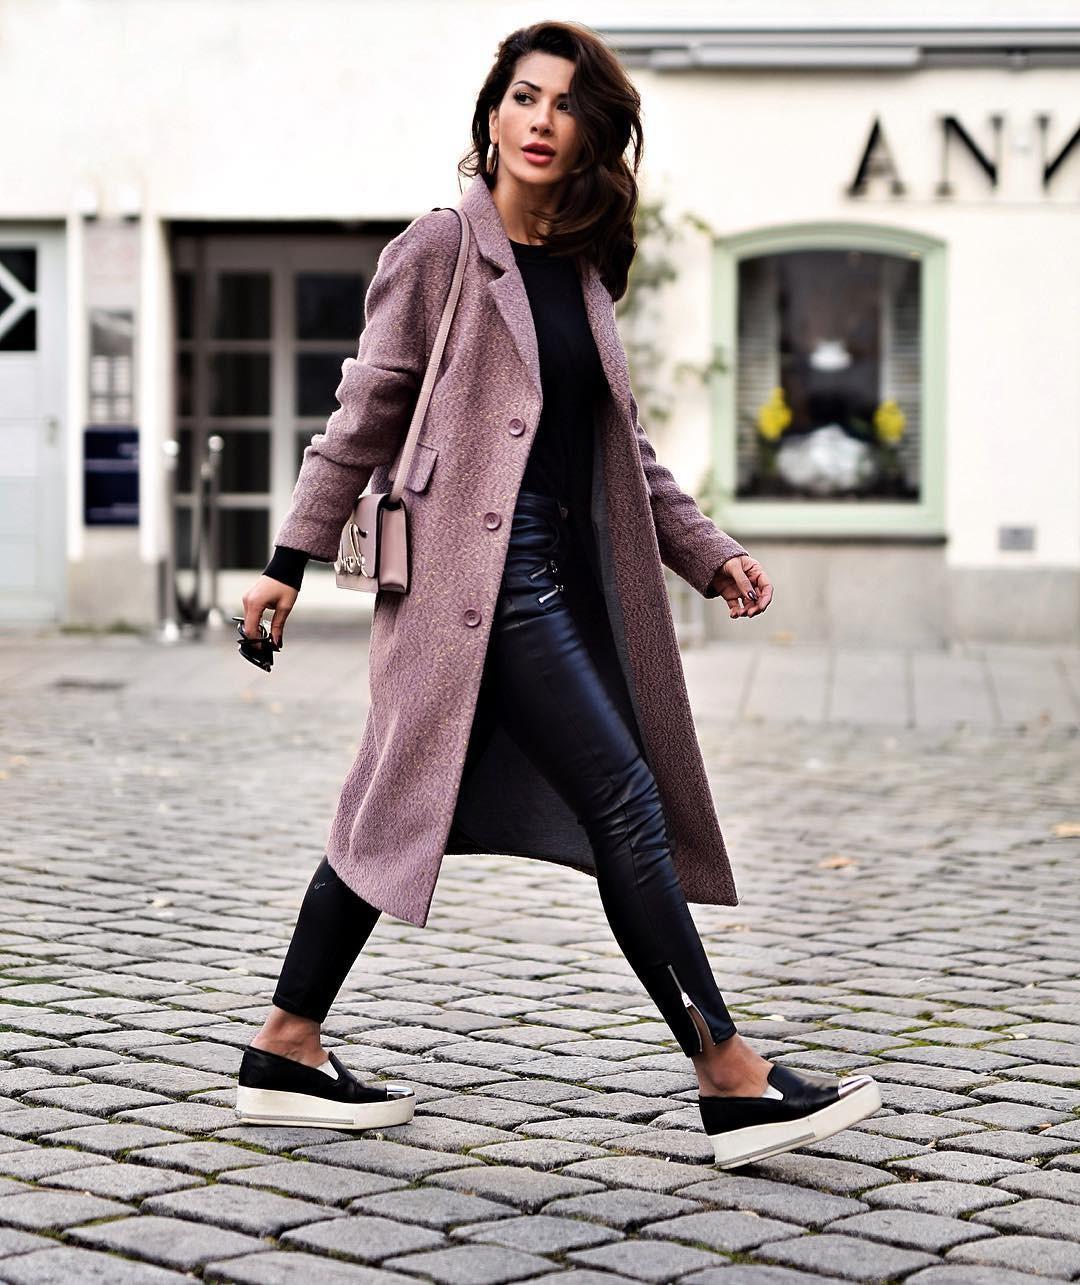 модные сеты 2018: джинсы синие под пальто нежно-розовое